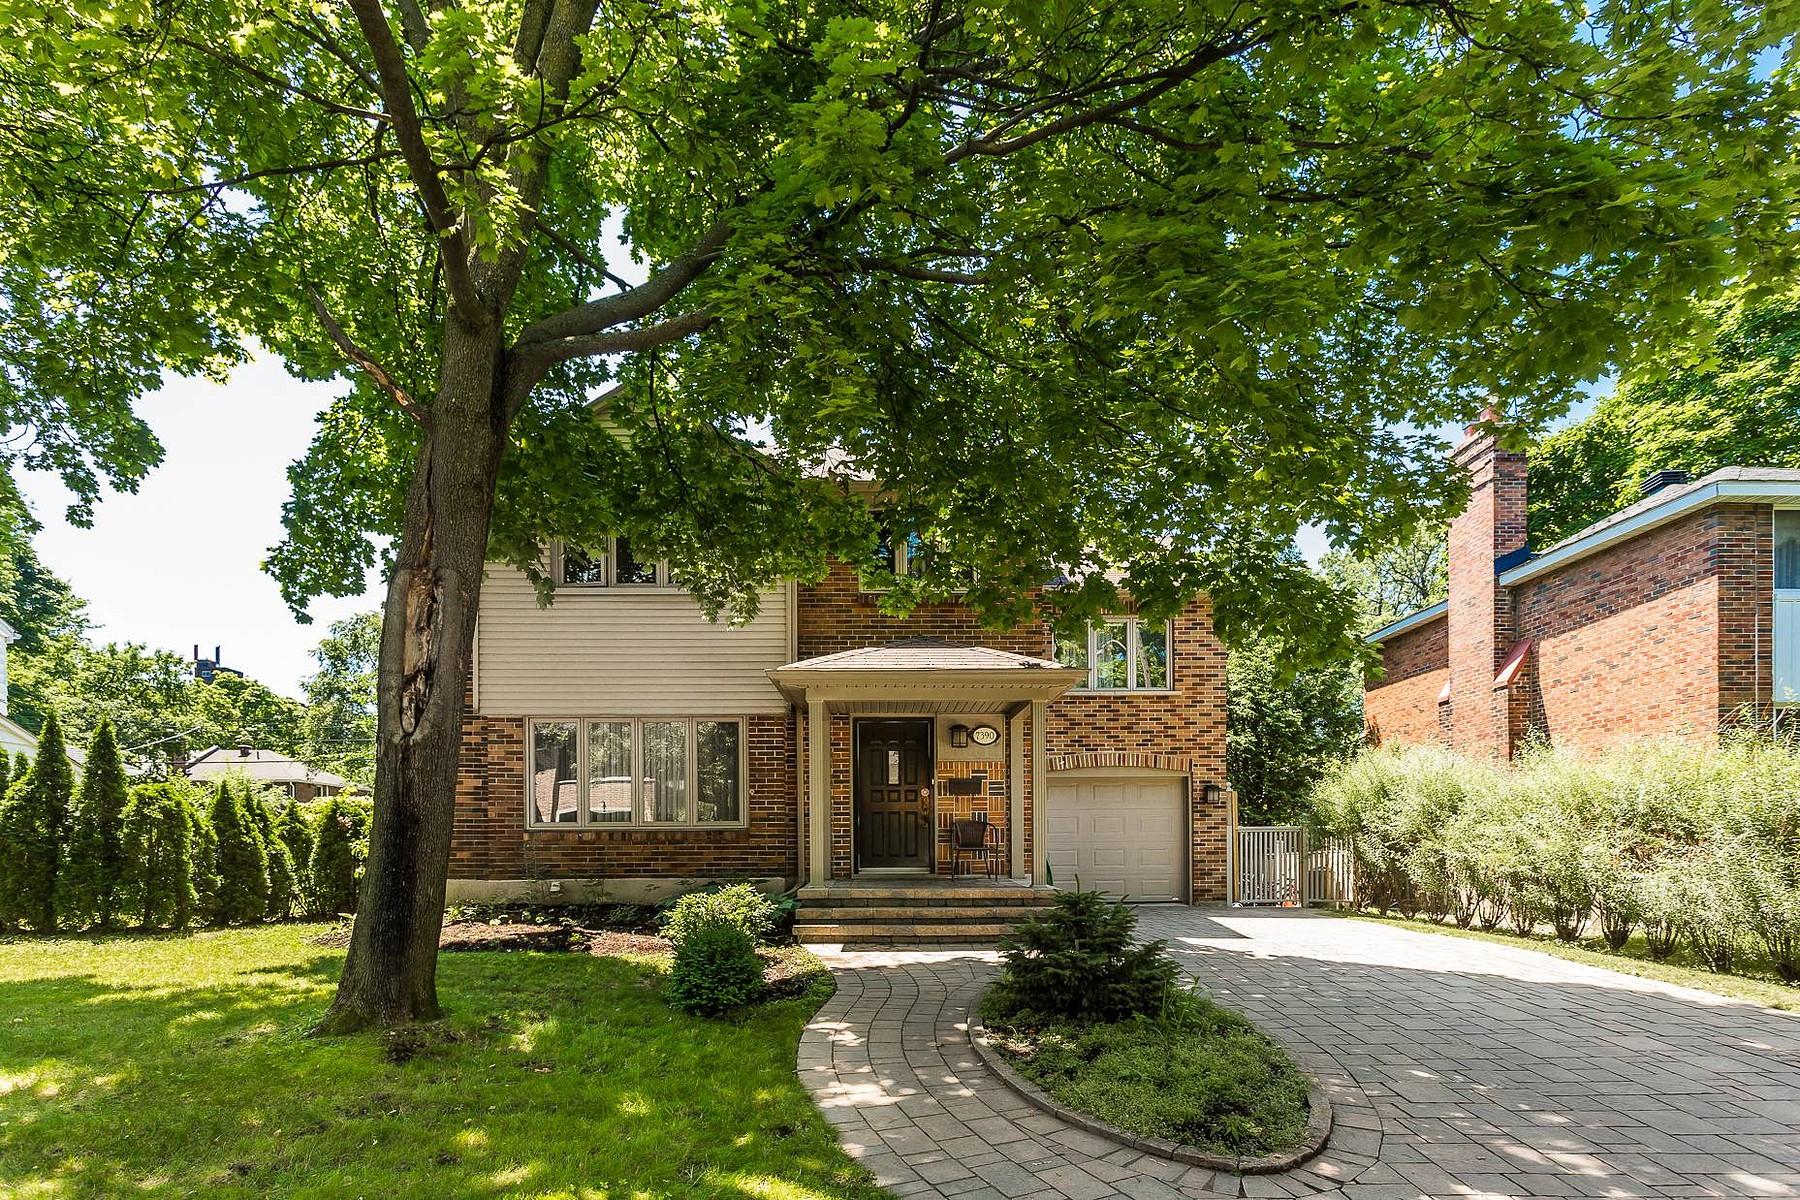 Single Family Home for Sale at Côte-des-Neiges Notre-Dame-de-Grâce, Montréal 7390 Rue Mount Cote Des Neiges Notre Dame De Grace, H3R3A7 Canada